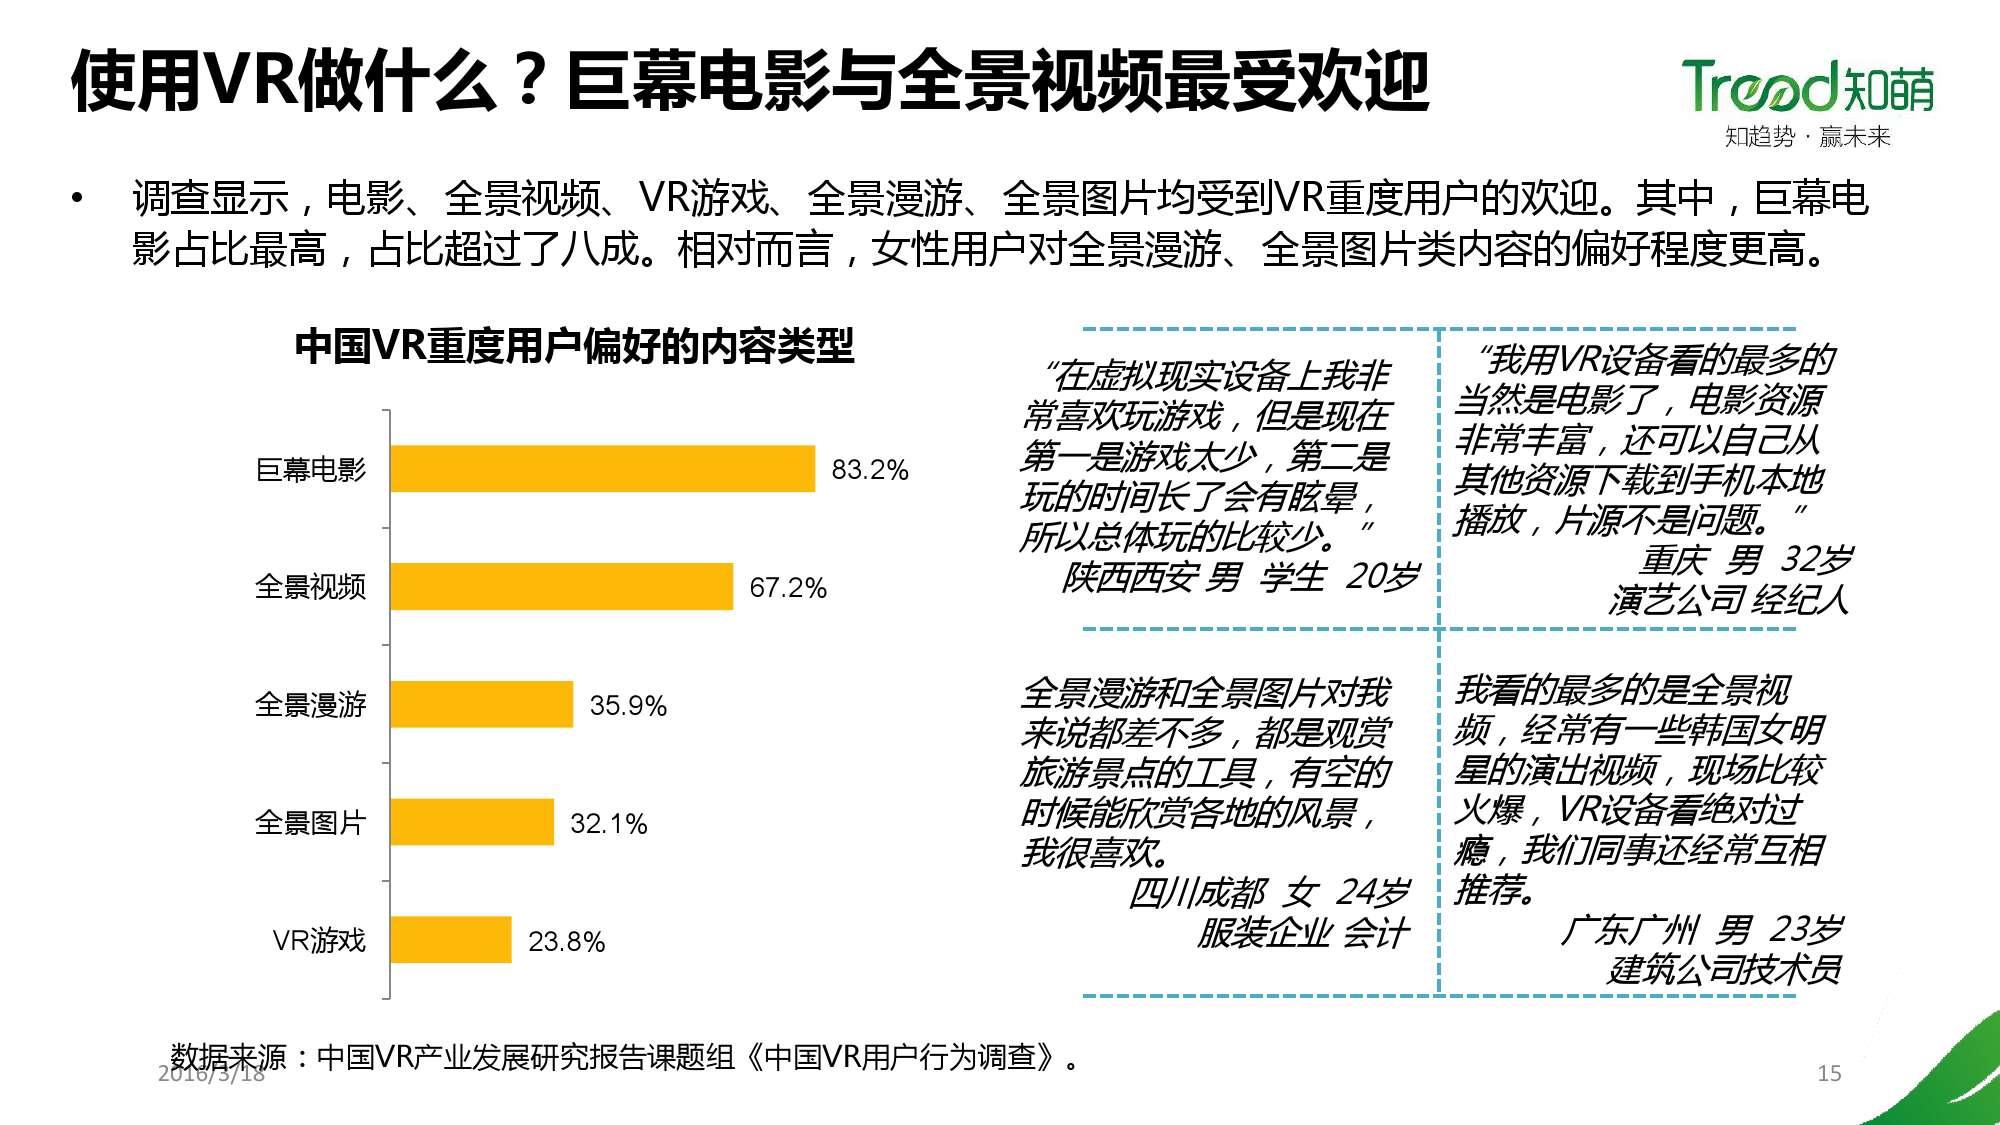 中国VR用户行为研究报告_000015